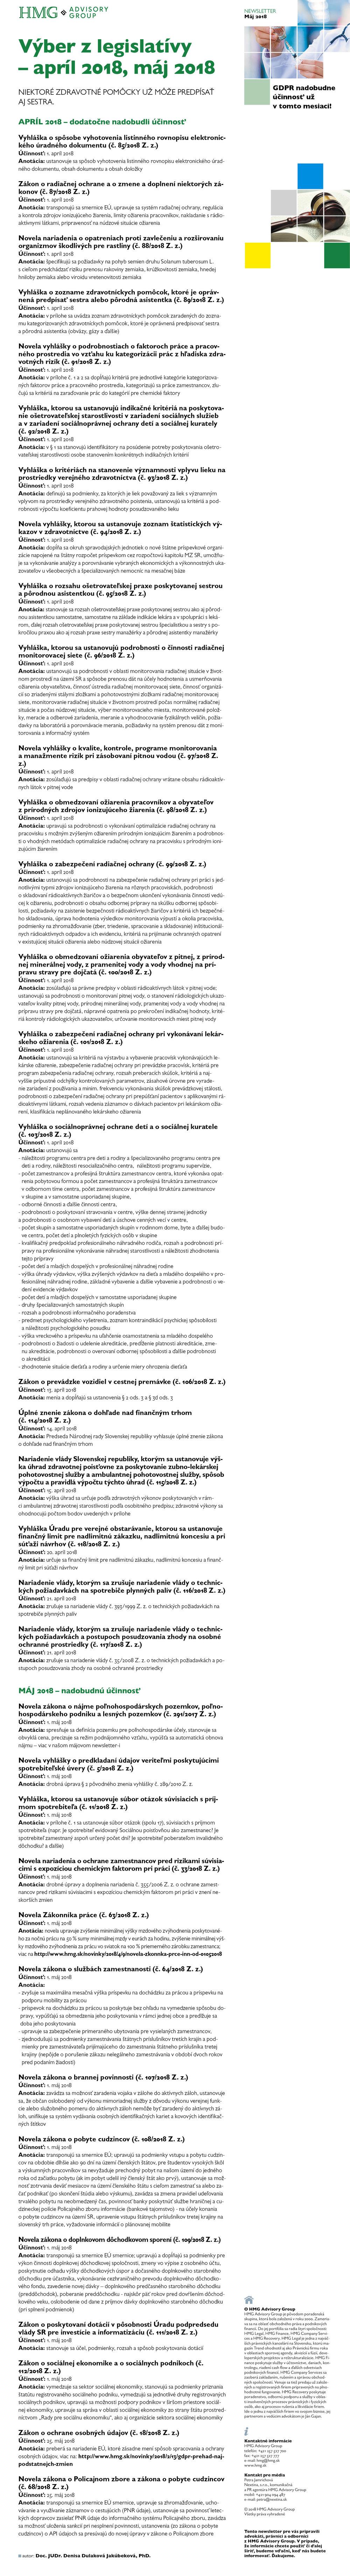 HMG_newsletter_legislatva.jpg